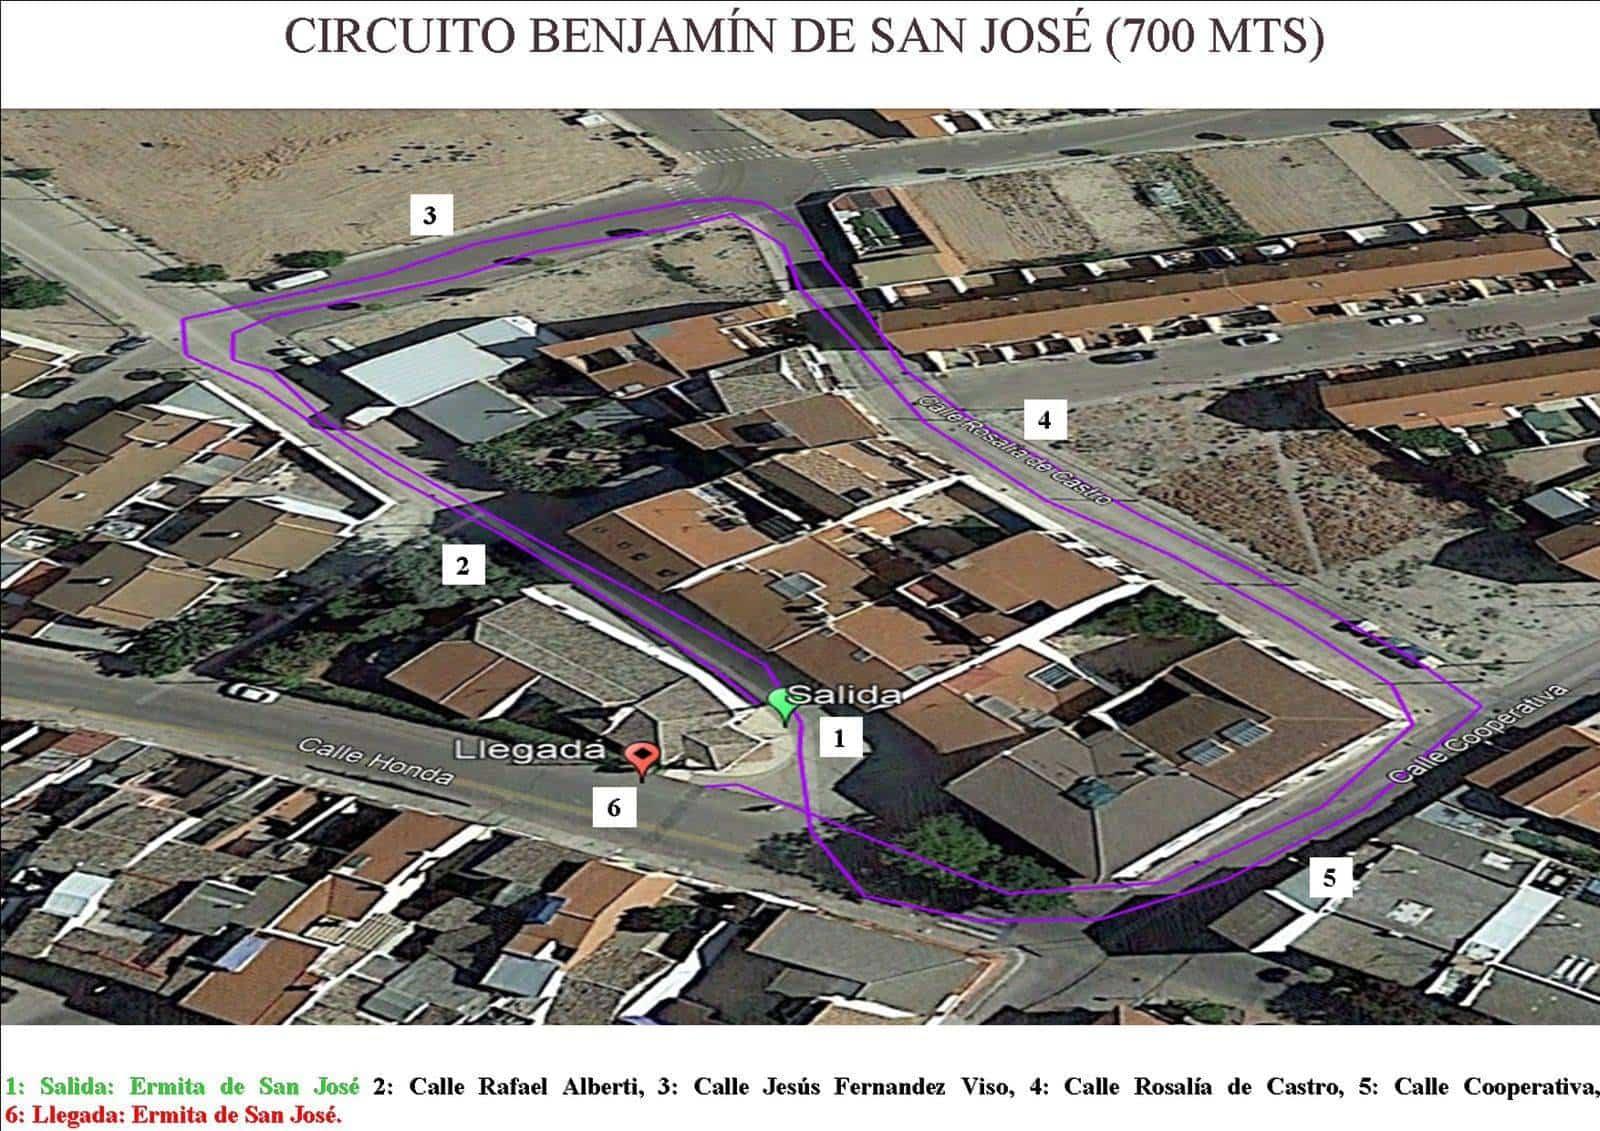 """Circuito Benjamin marcha benefica herencia - I Marcha Benéfica """"Deja tu Huella"""" de San José en Herencia"""